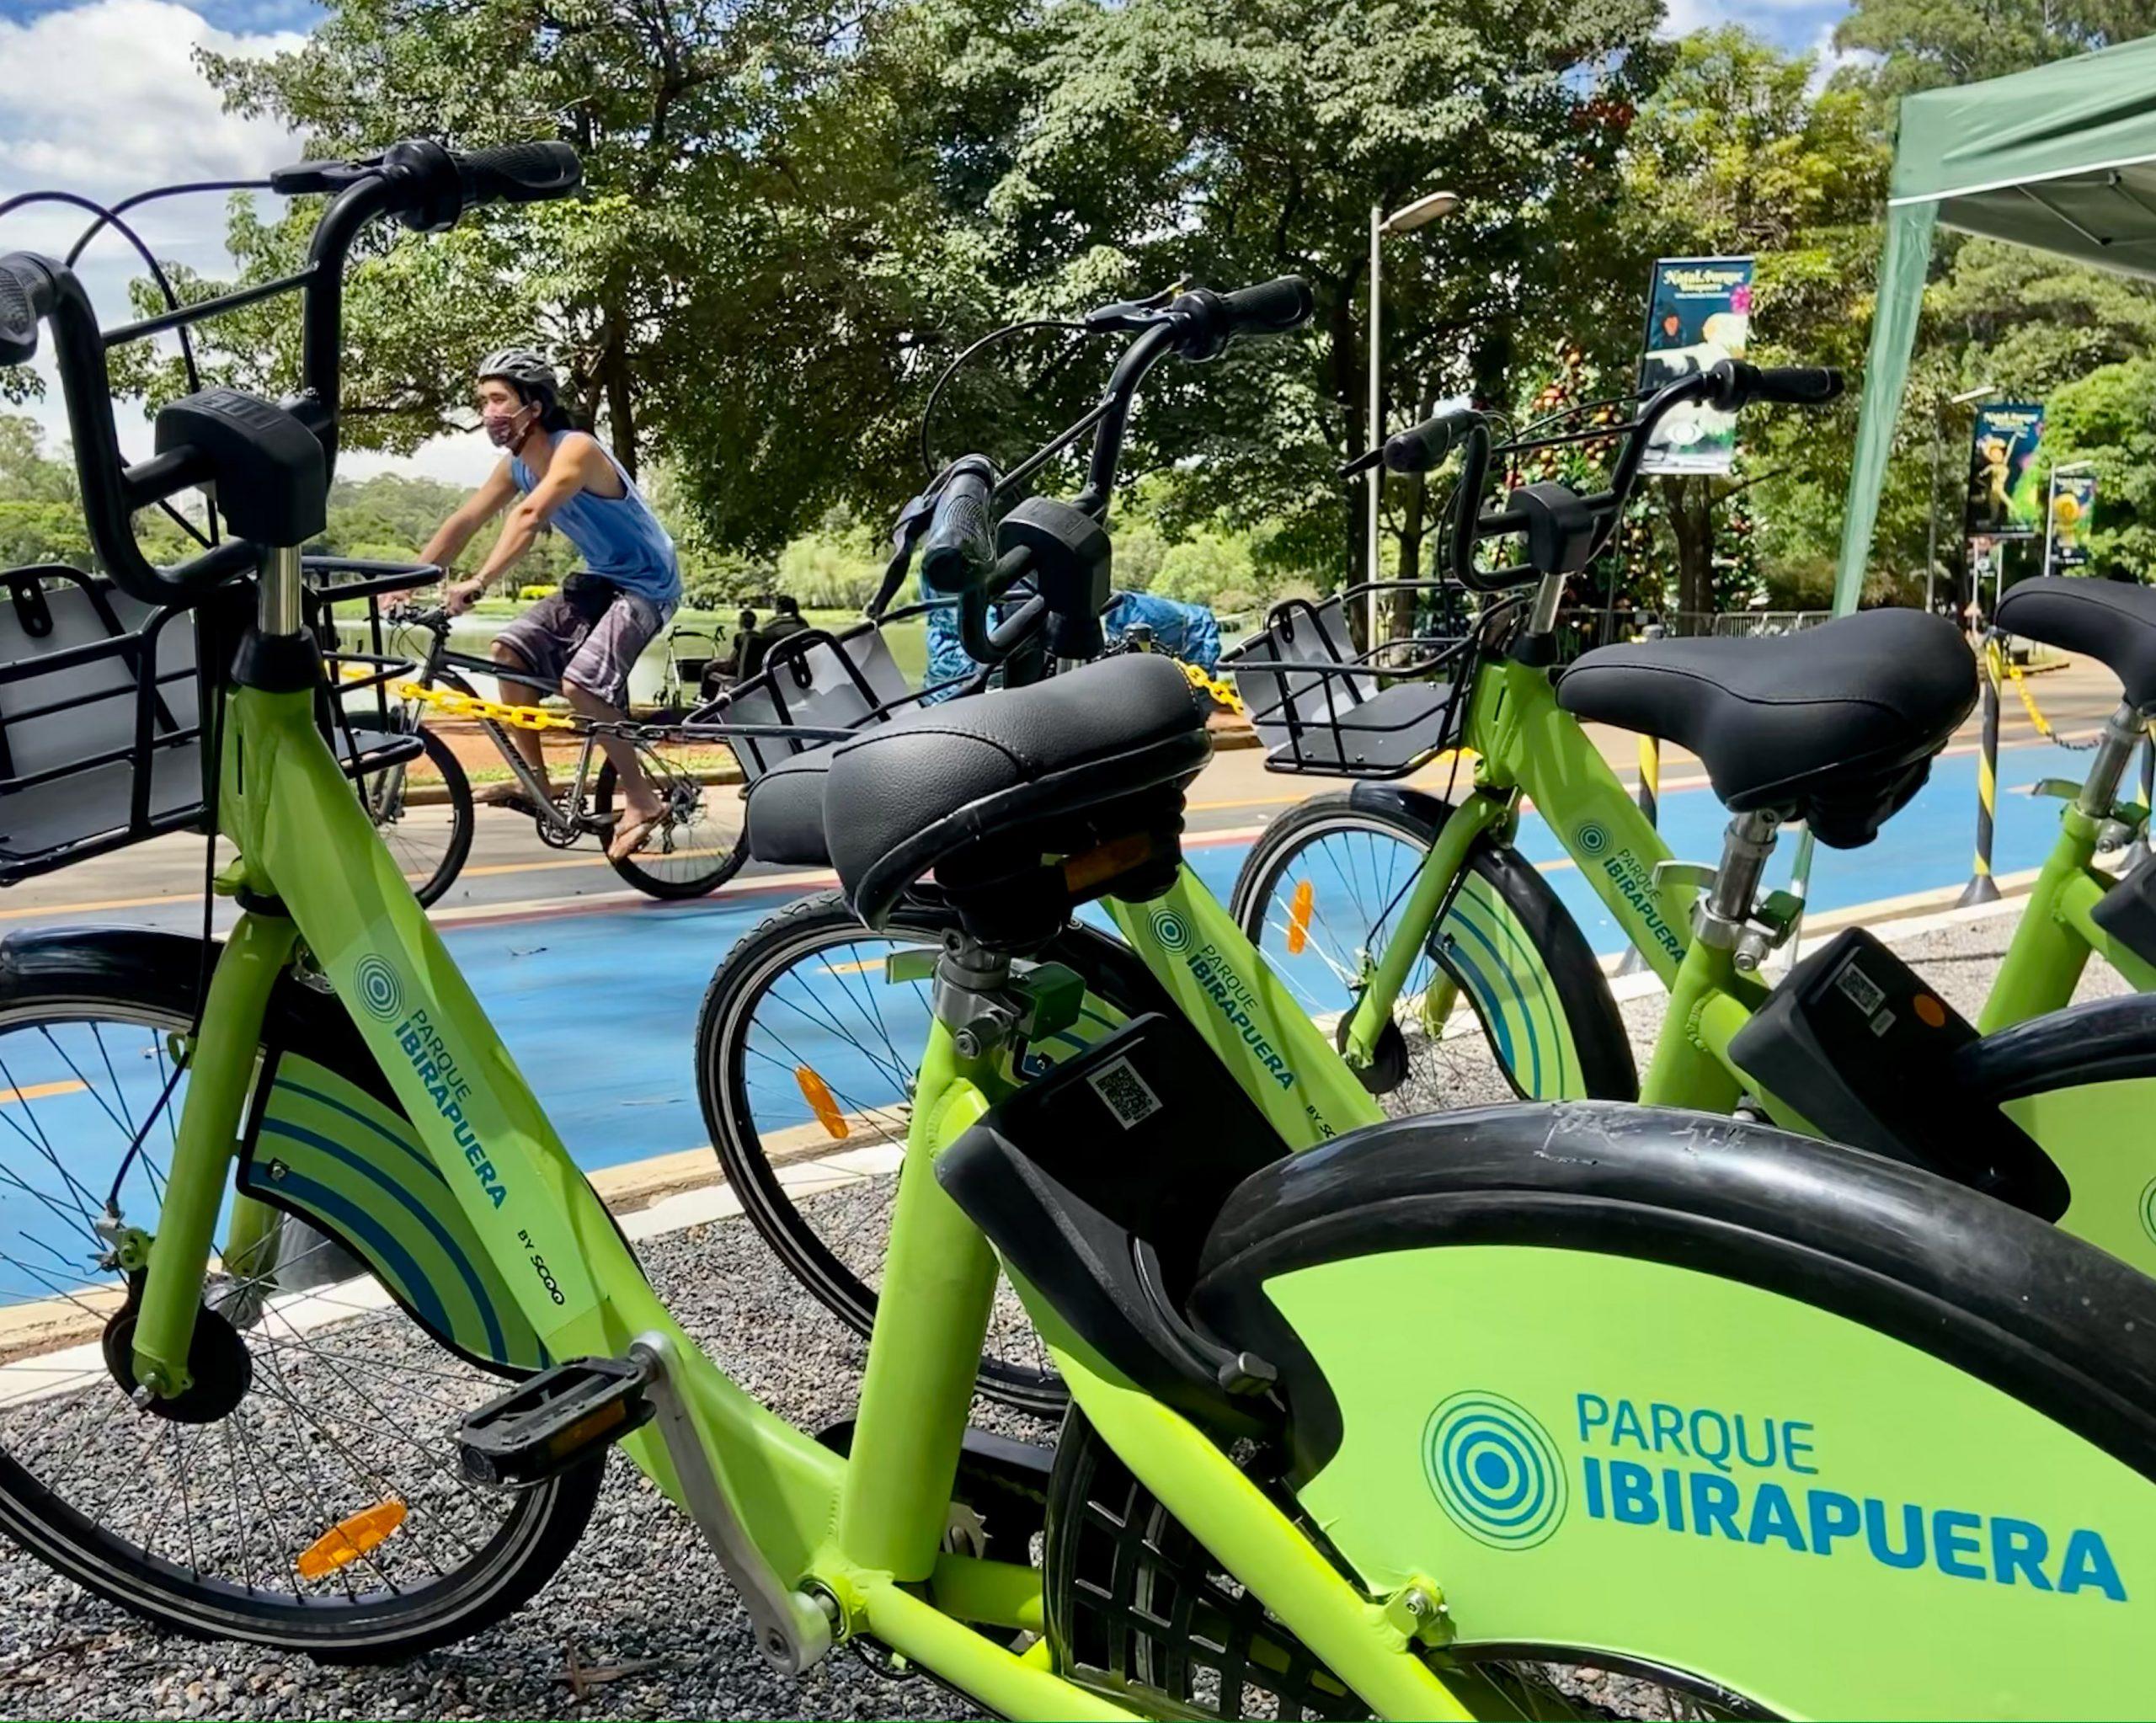 Parque agora possui aplicativo para aluguel de bicicletas (Foto: divulgação)